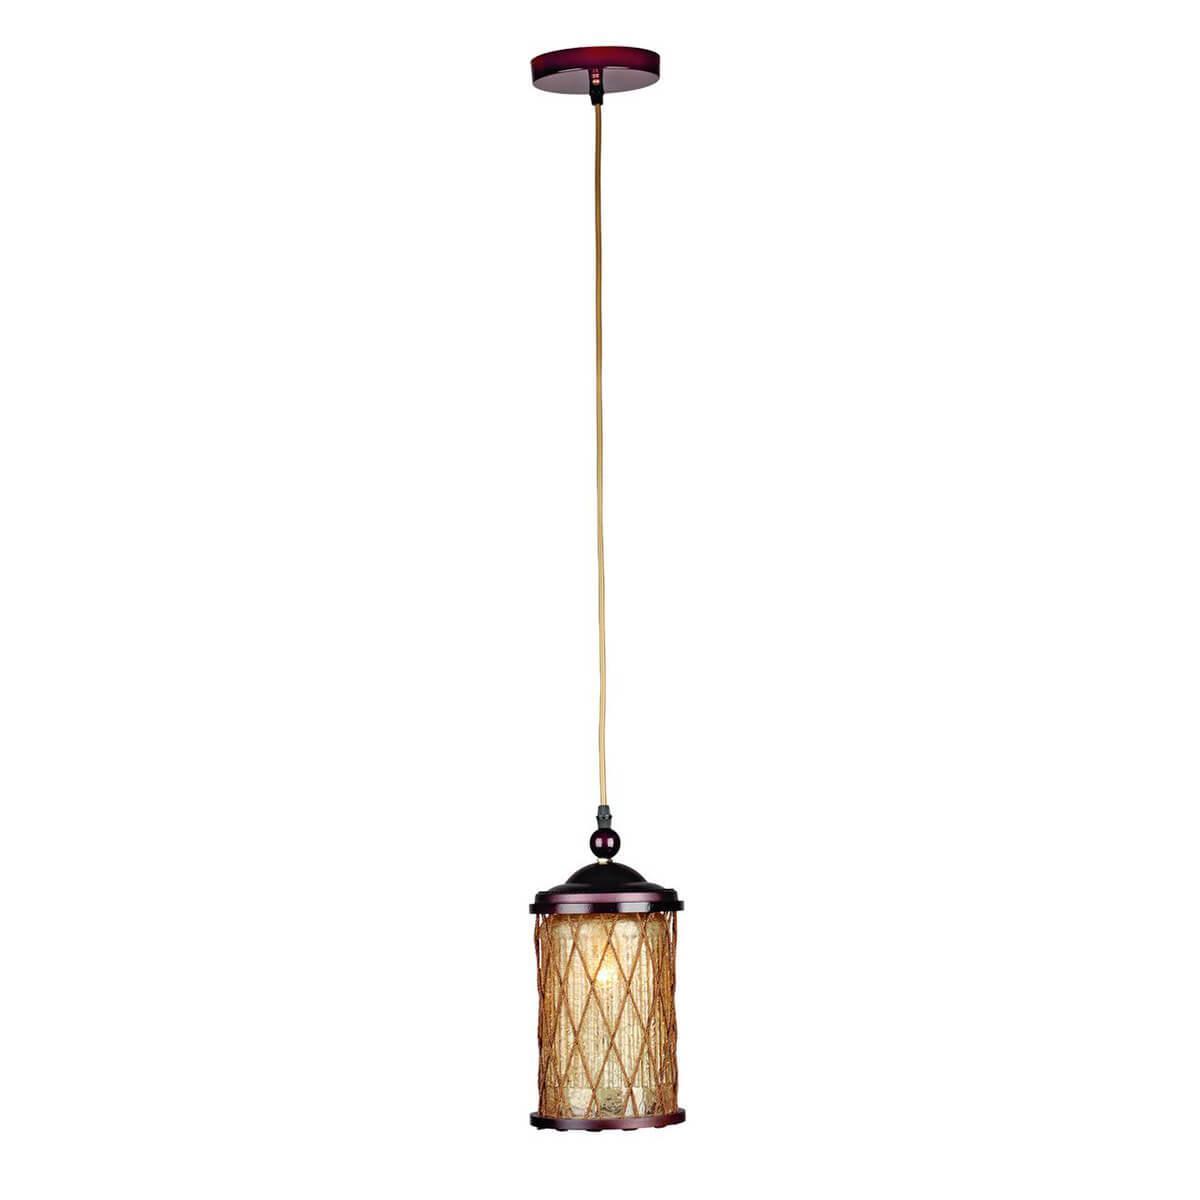 Подвесной светильник Omnilux OML-58406-01 подвесной светильник omnilux oml 58406 01